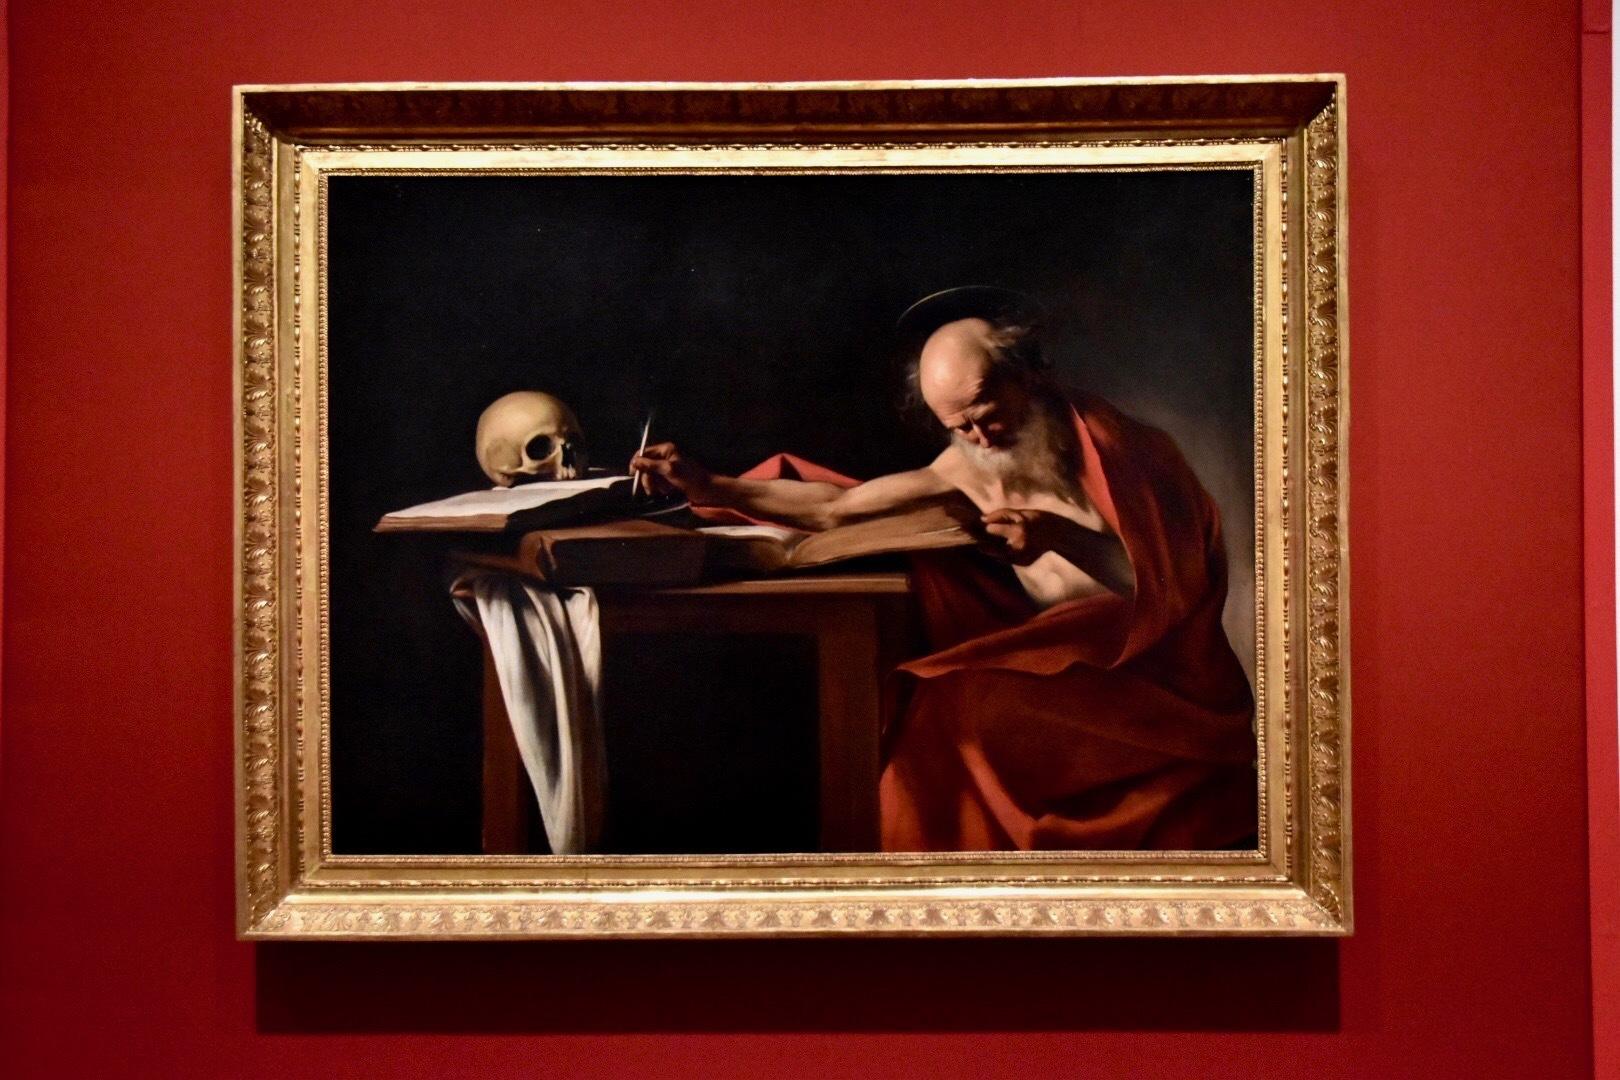 ミケランジェロ・メリージ・ダ・カラヴァッジョ《執筆する聖ヒエロニムス》1605-06年(ボルゲーゼ美術館蔵)